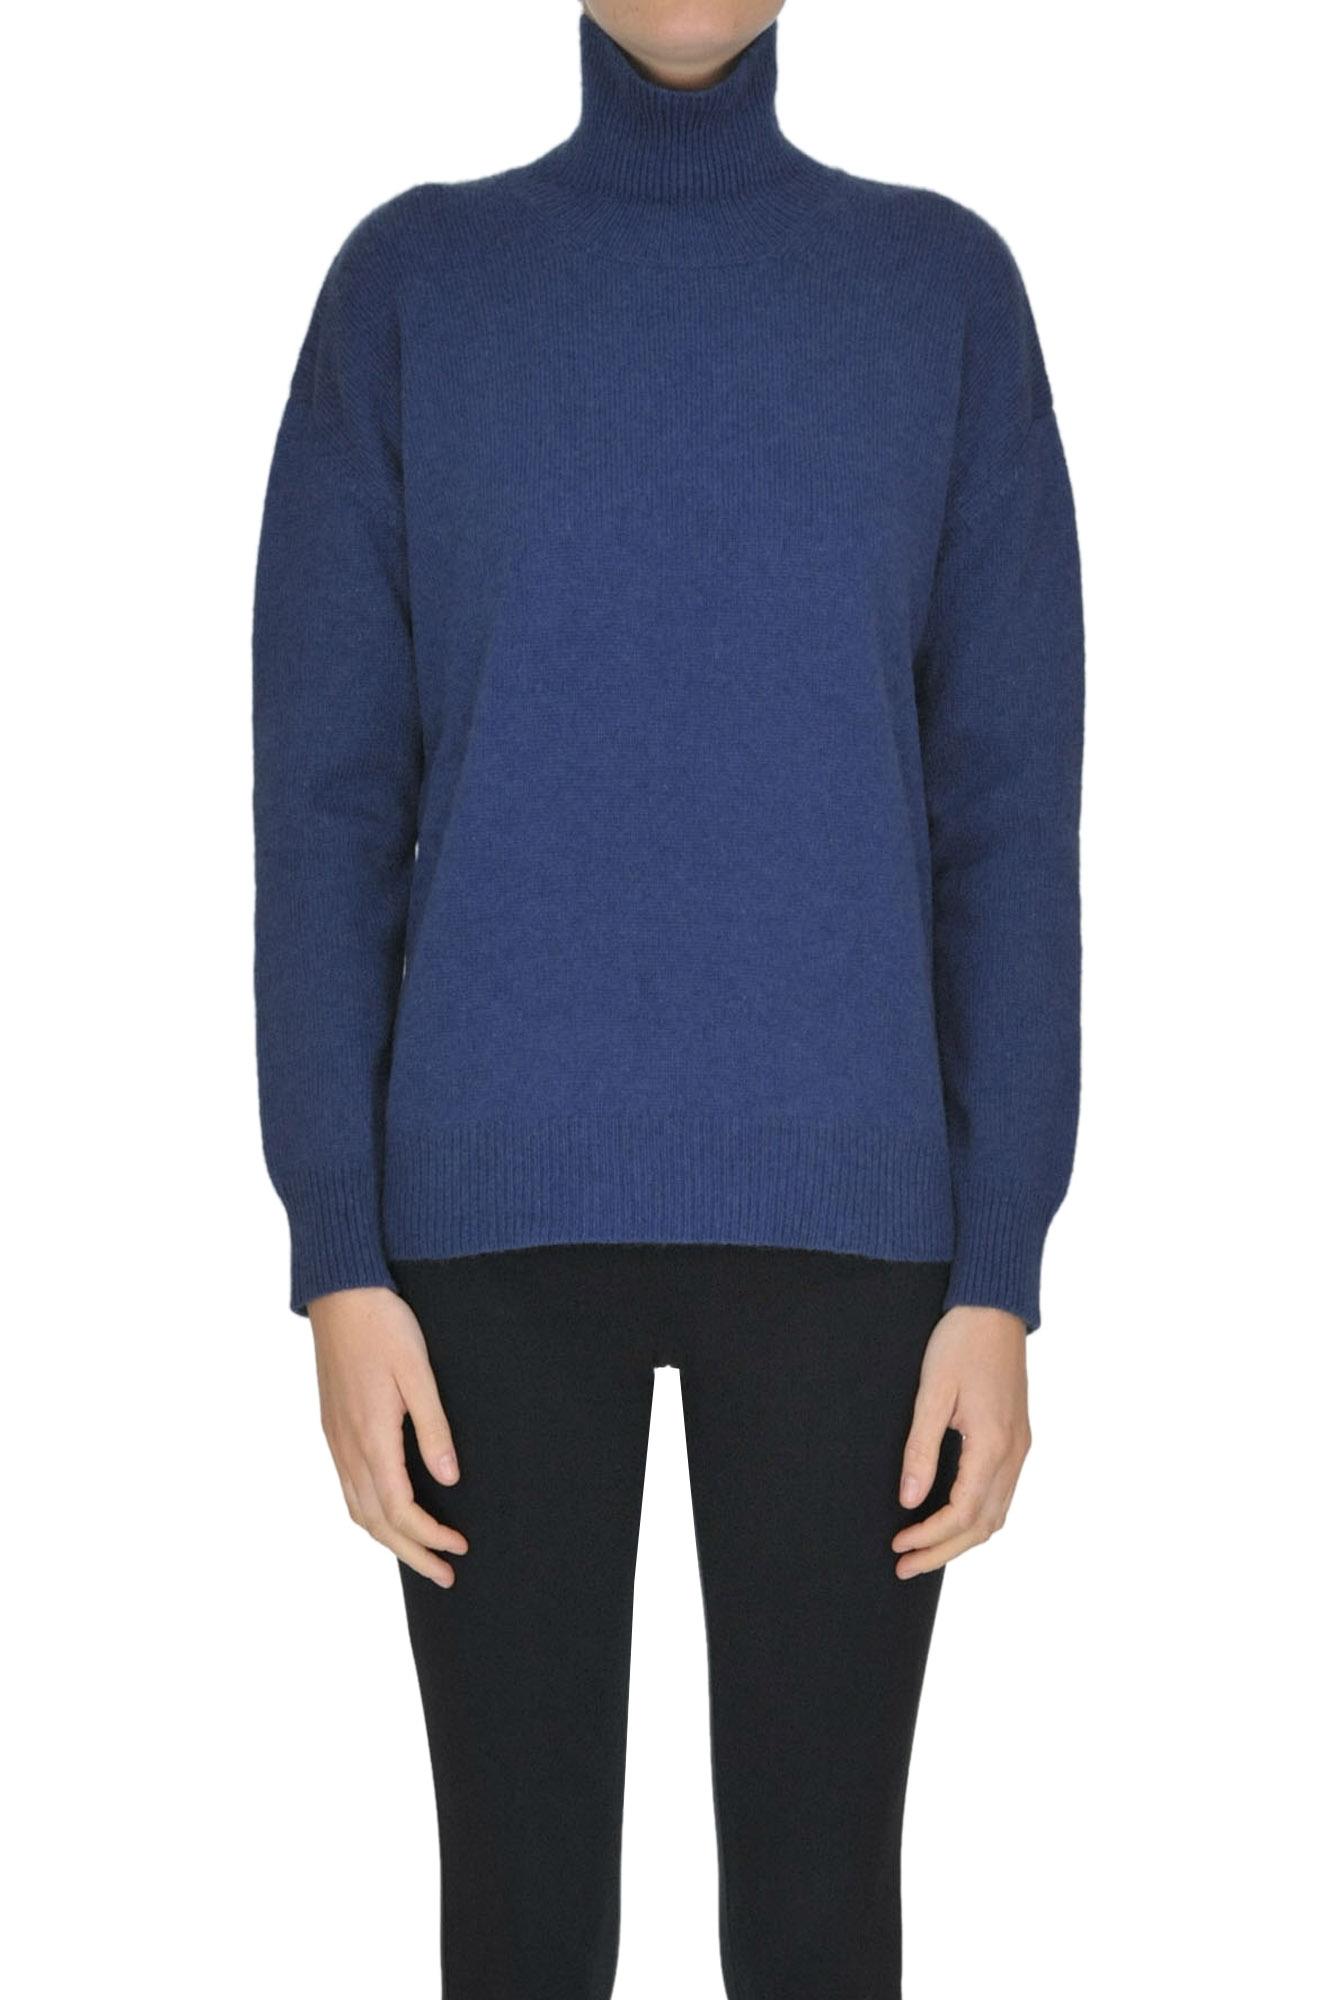 ALYKI Turtleneck Cashmere Pullover in Navy Blue